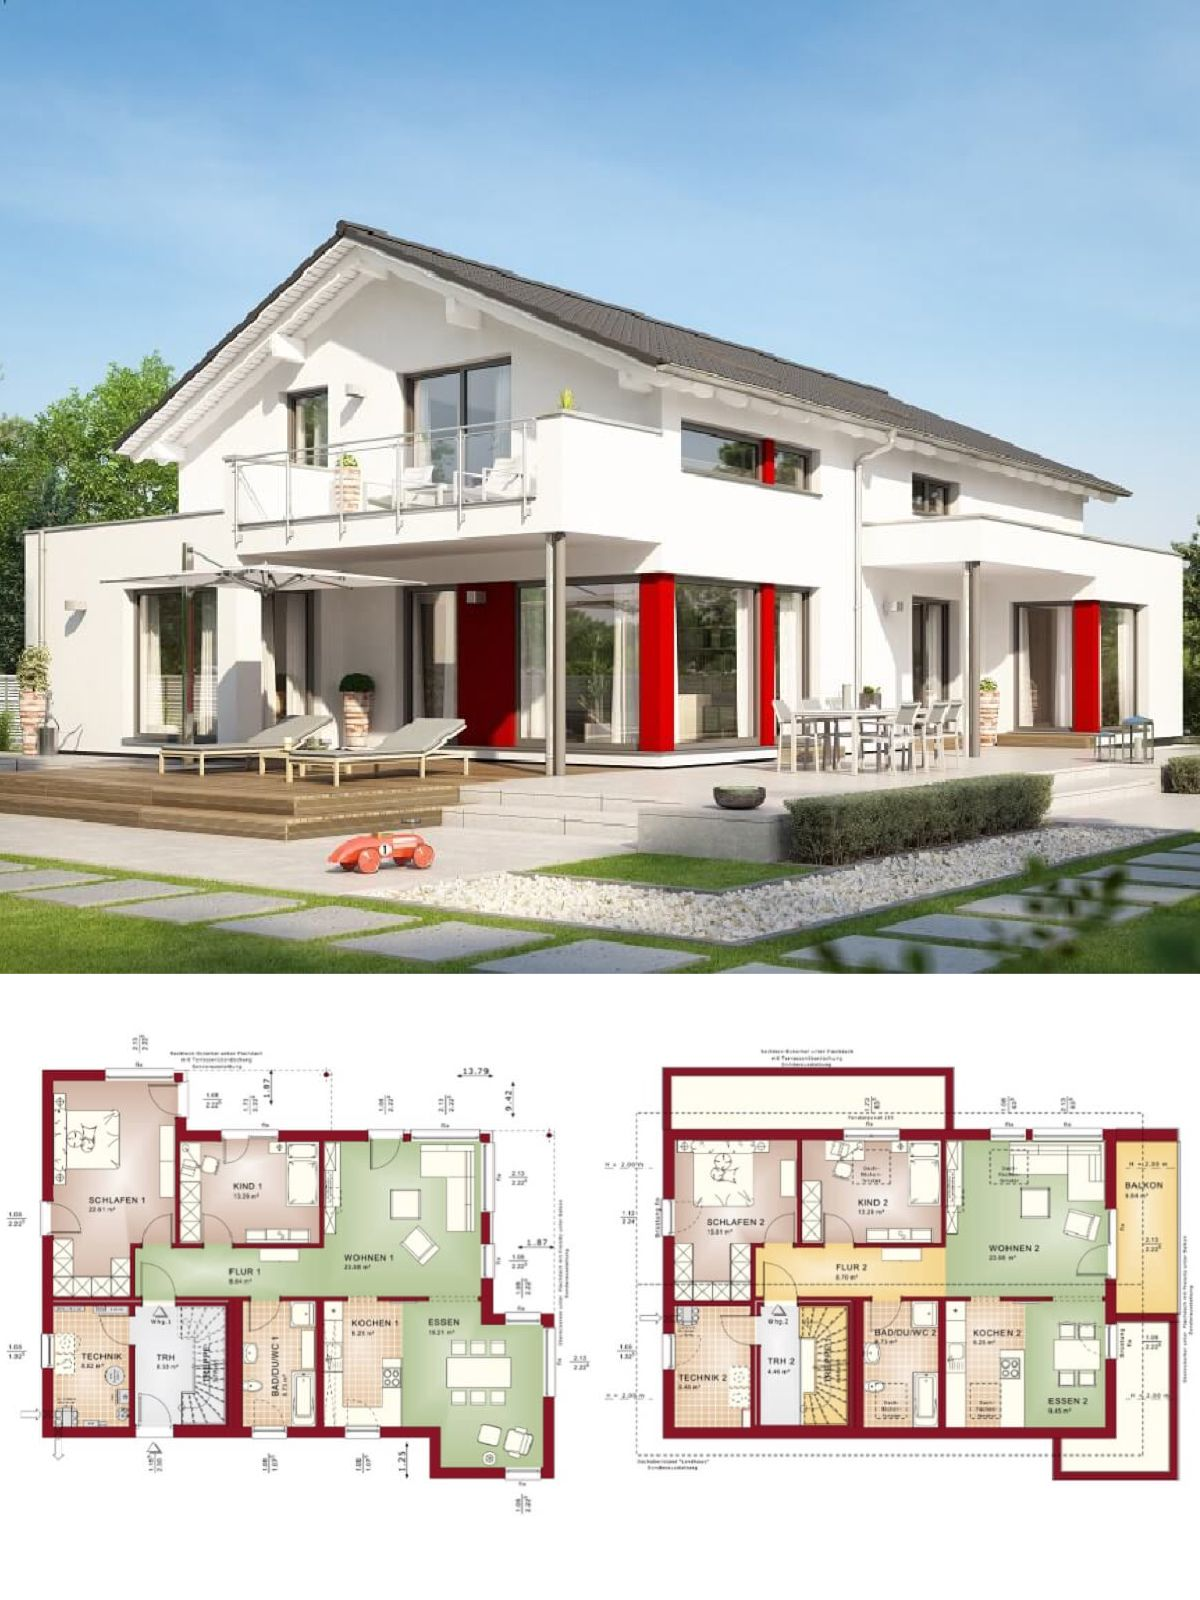 Zweifamilienhaus mit Einliegerwohnung Architektur modern